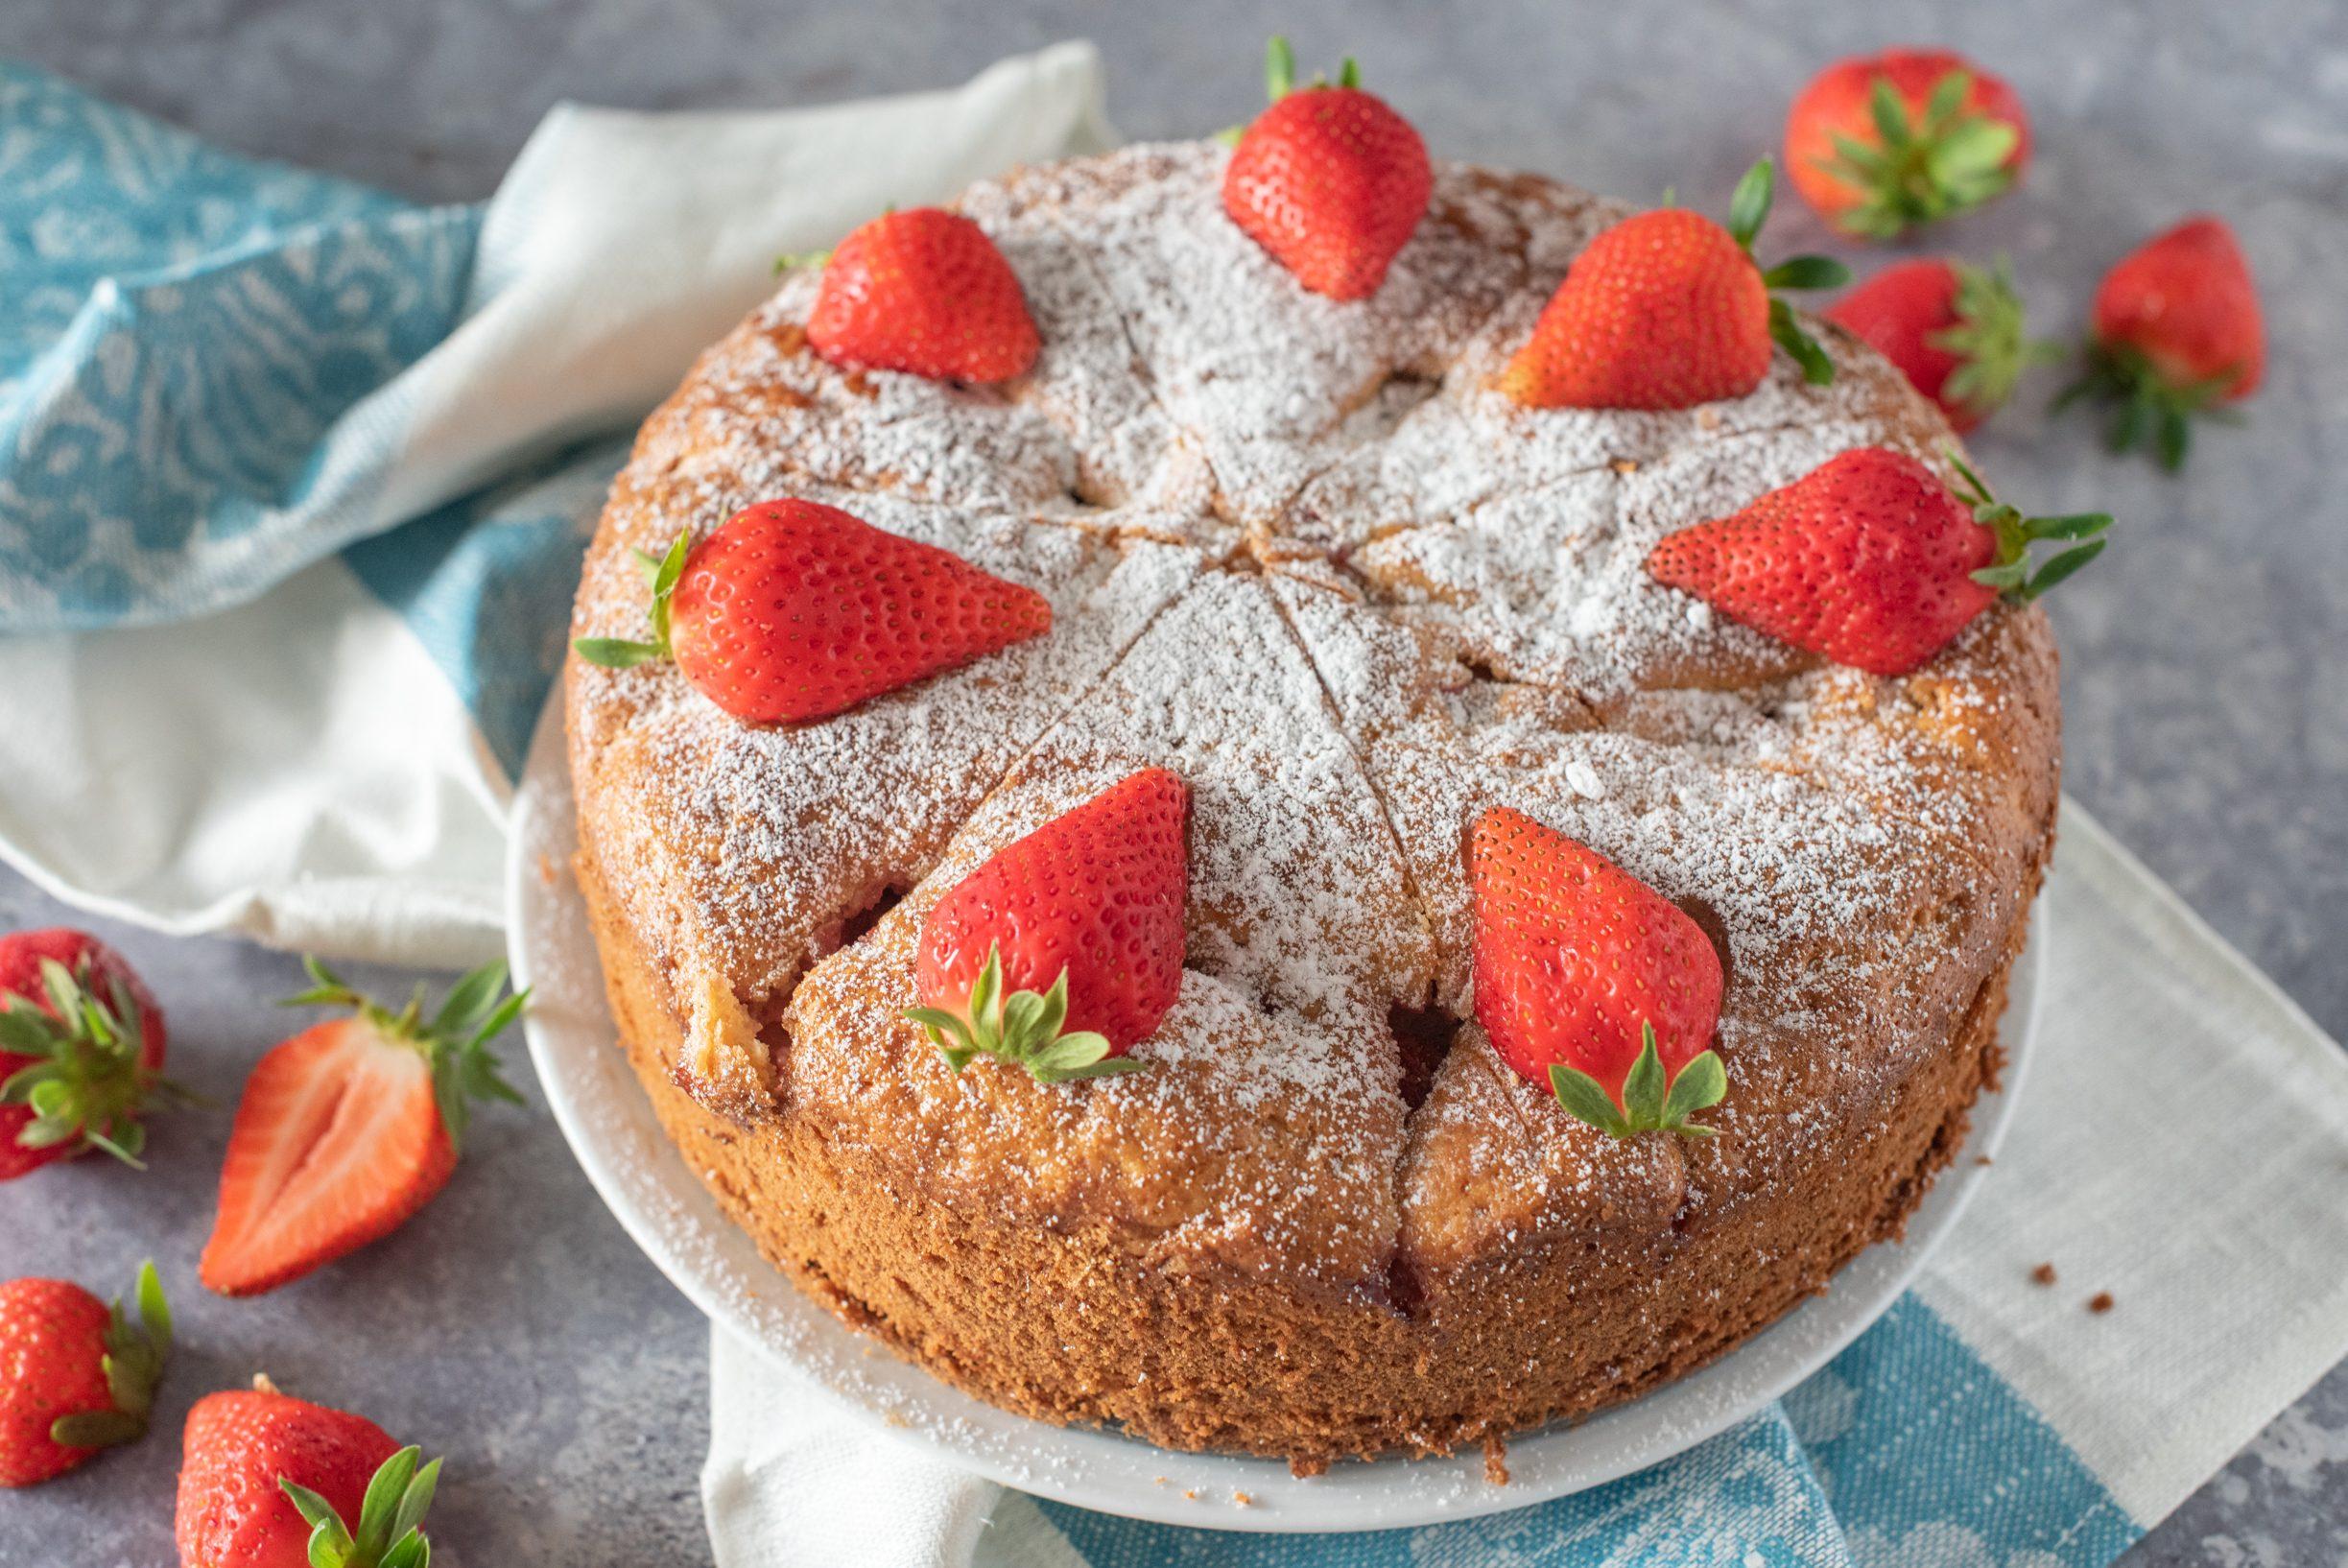 Torta fragole e mascarpone: la ricetta del dolce da credenza soffice e semplicissimo